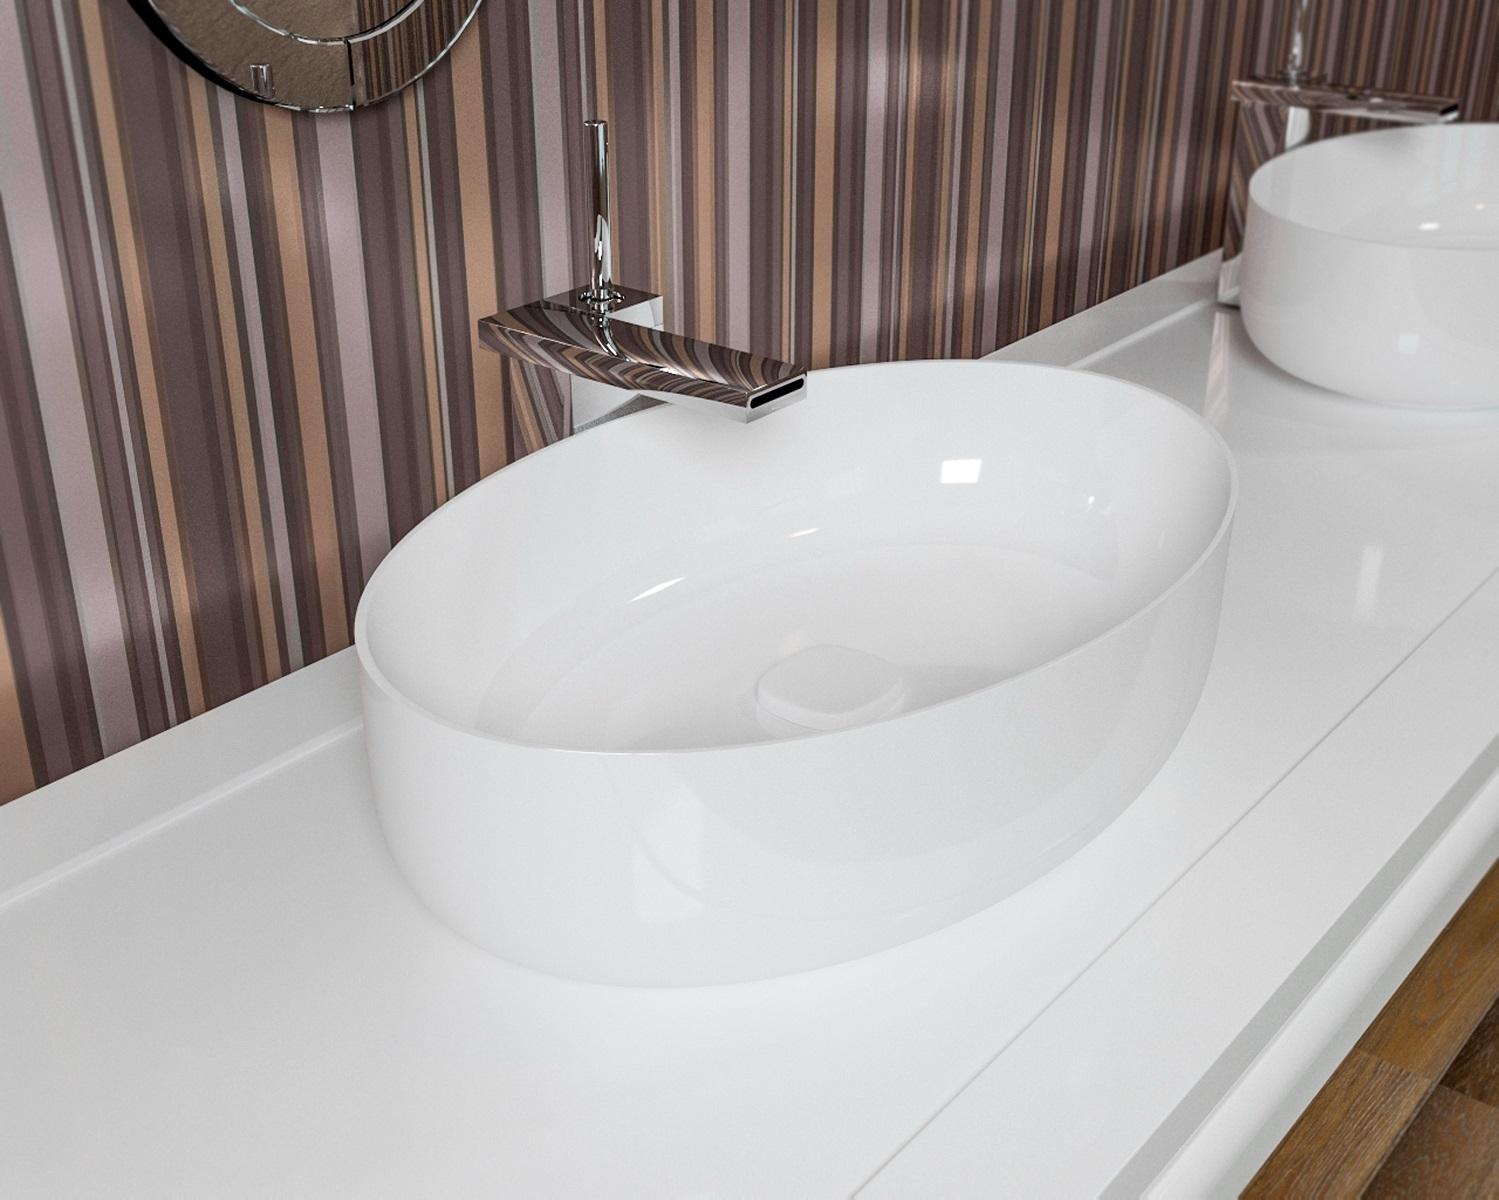 Metamorfosi vasija de ba o de cer mica ovalada en color blanco - Colores de ceramica ...